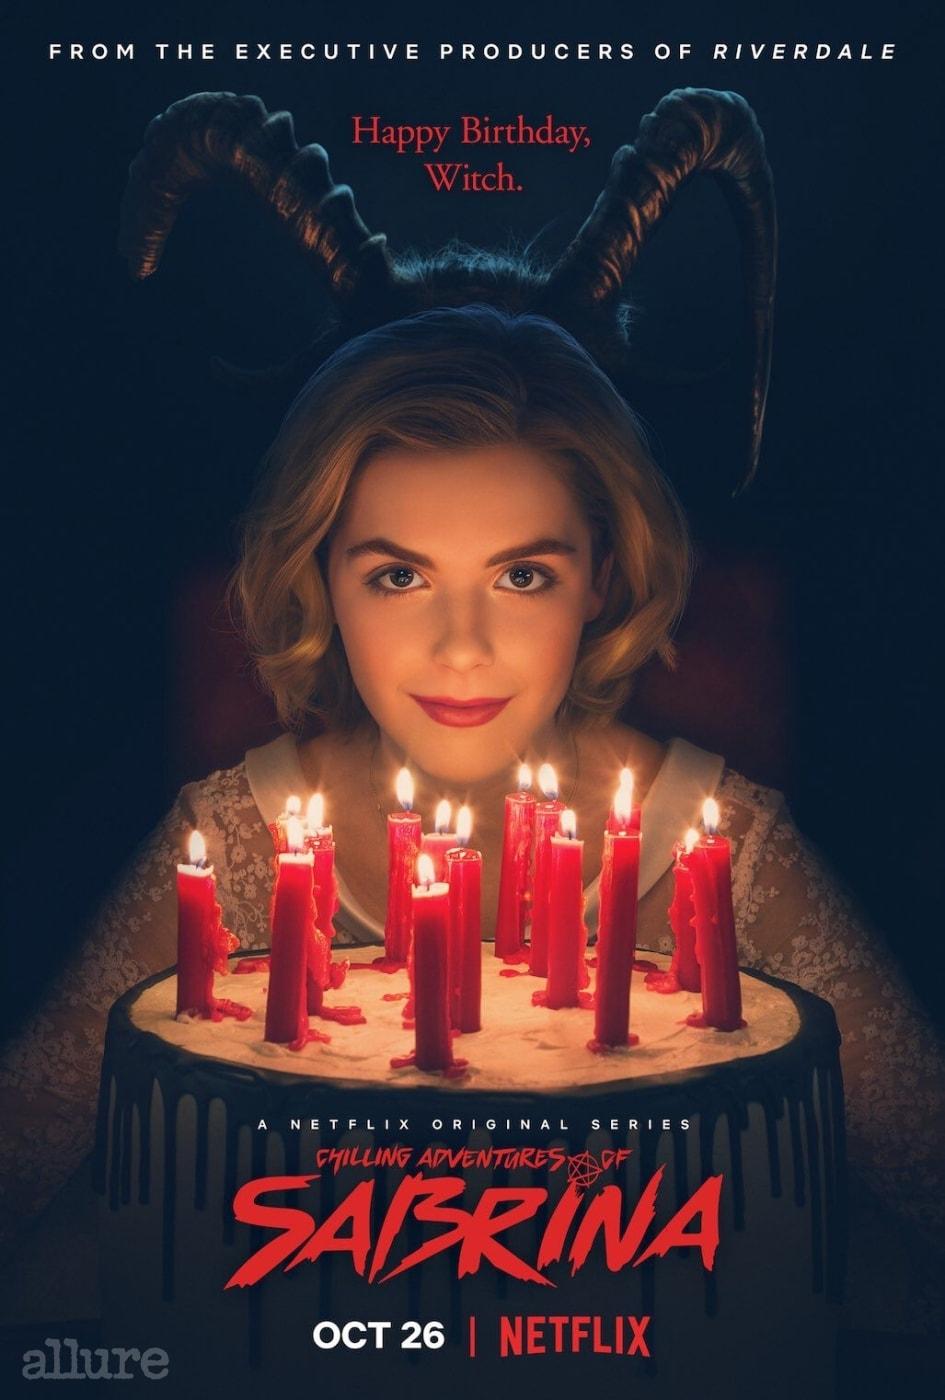 Photo by Courtesy of Netflix